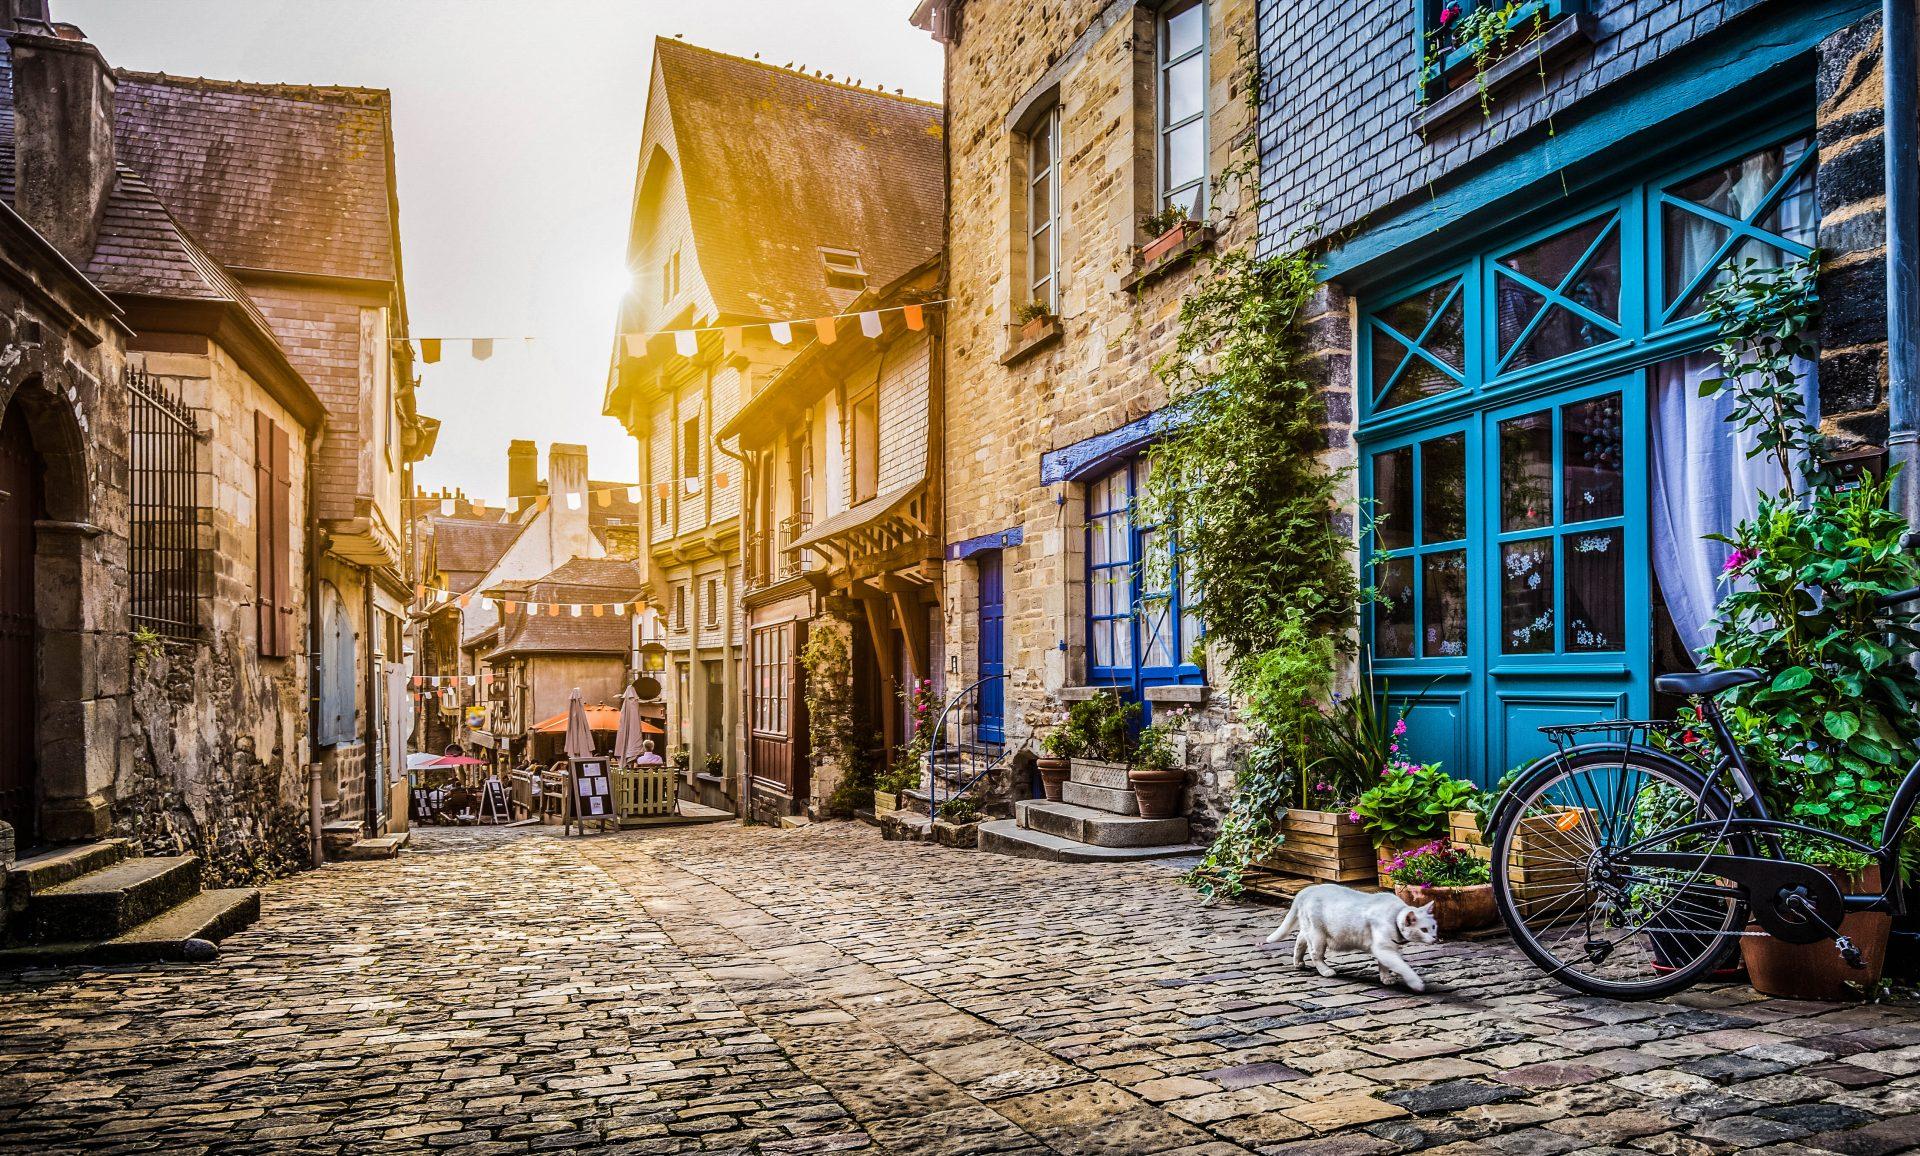 Ein Städtchen in der Normandie